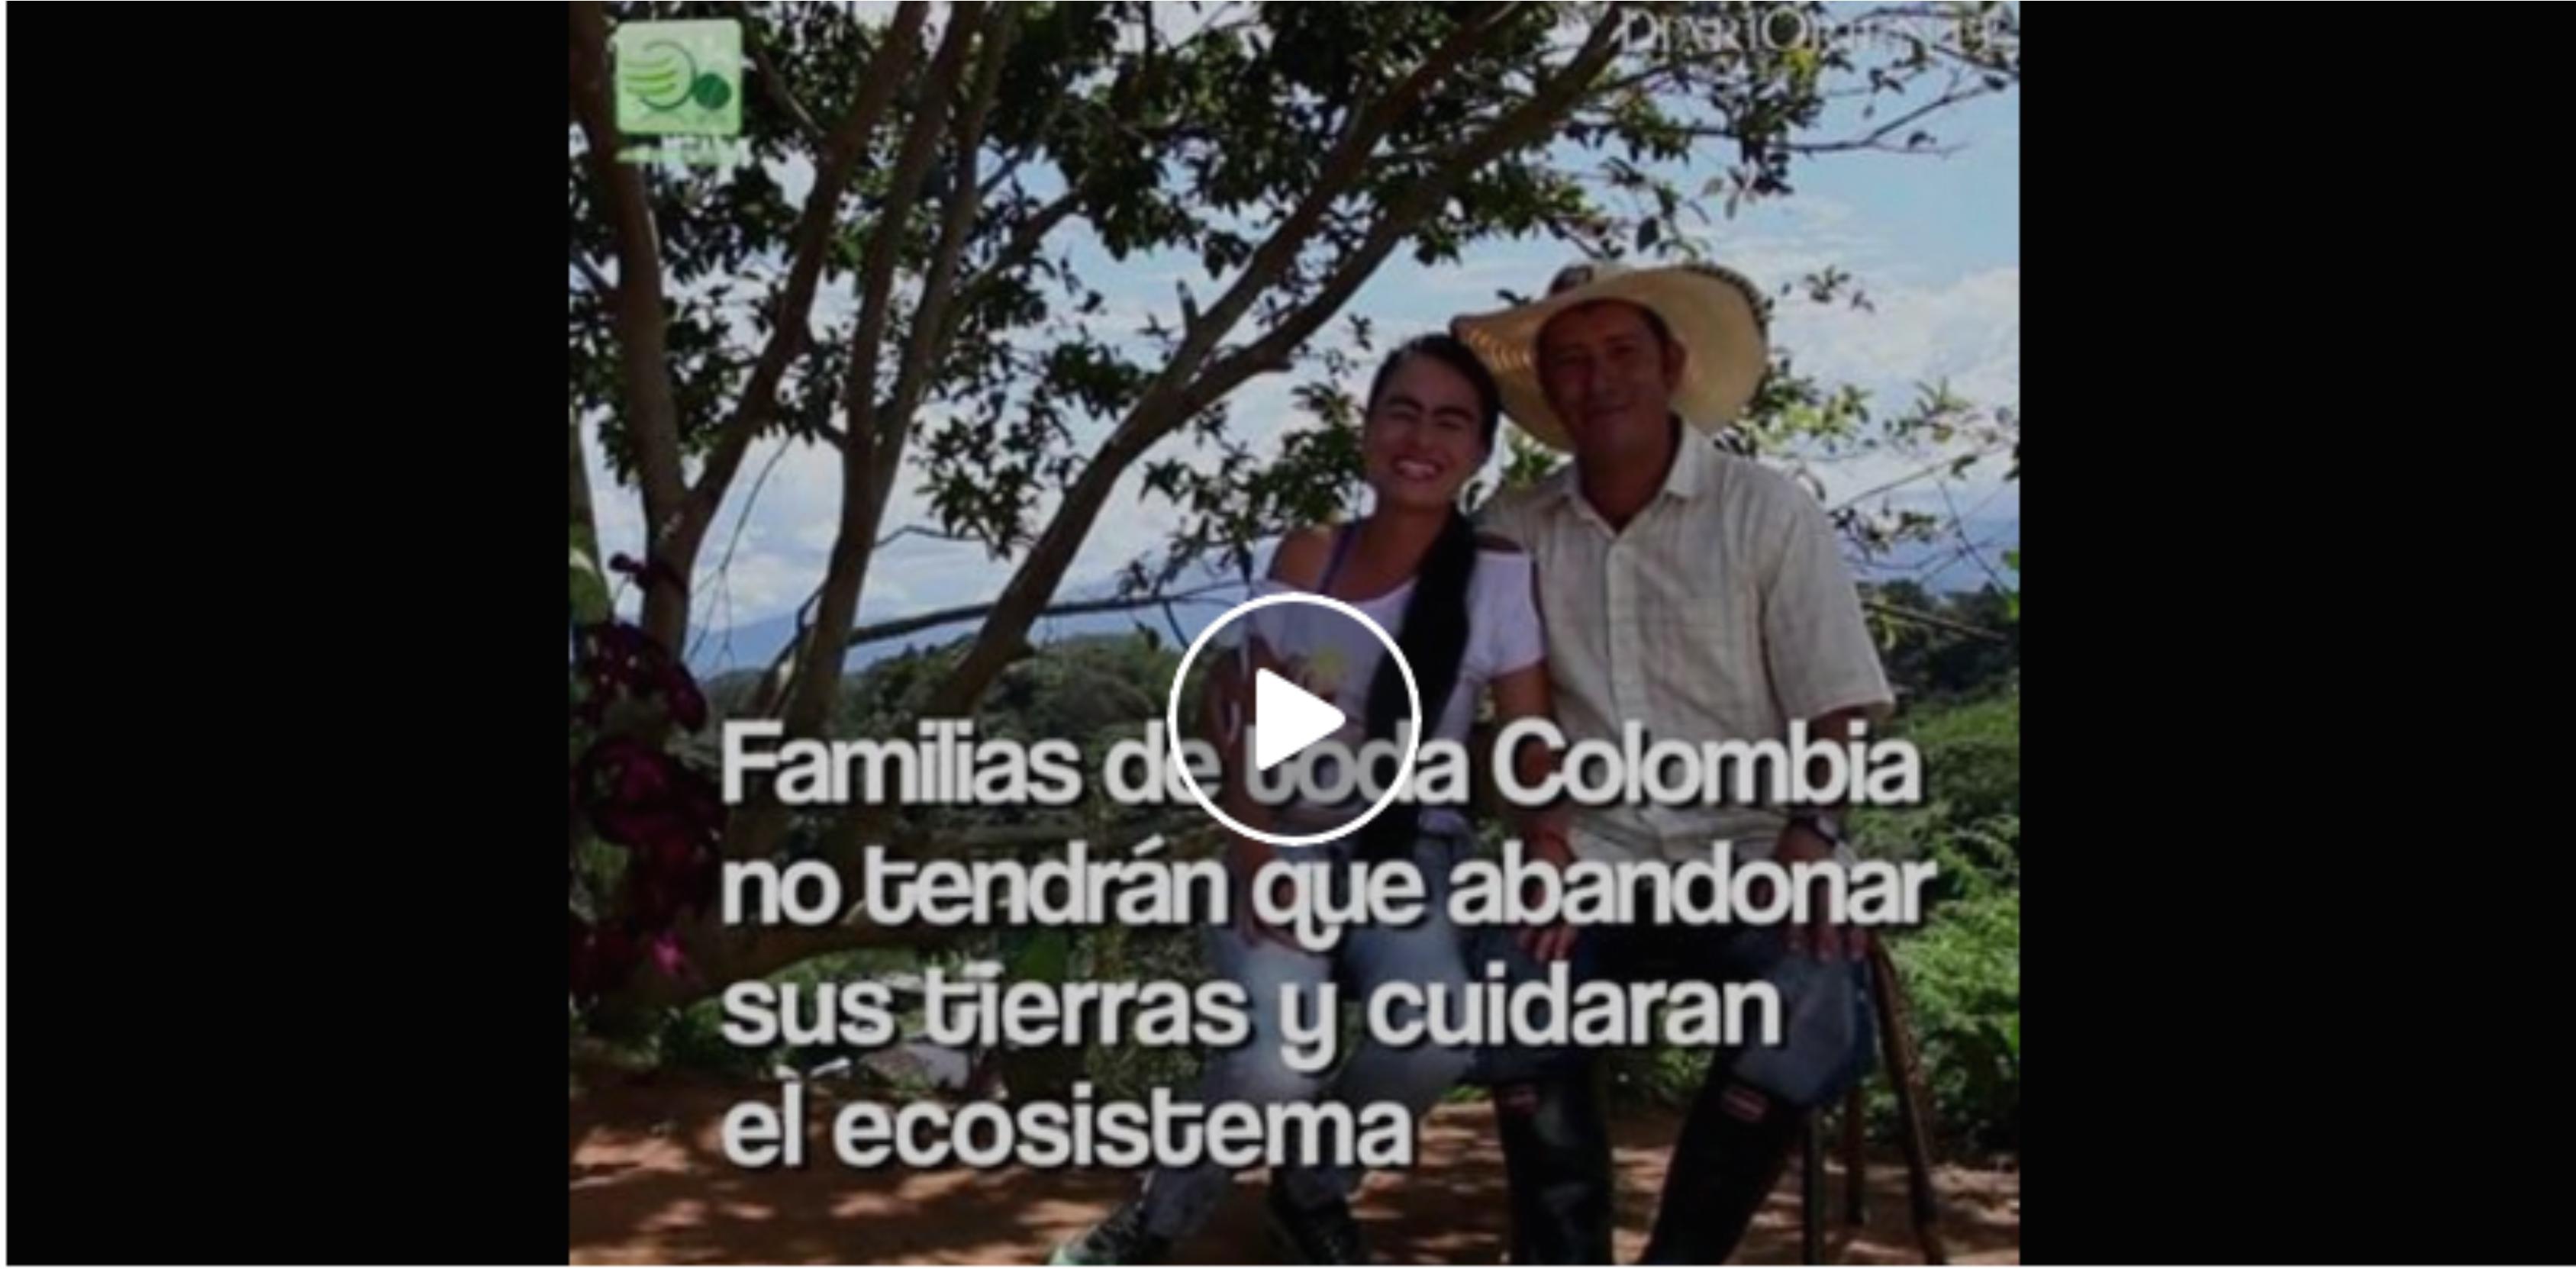 Photo of Banco2 estrategia que nació en el Oriente Antioqueño para que las familias de toda Colombia no abandonen sus tierras y cuiden los ecosistemas.